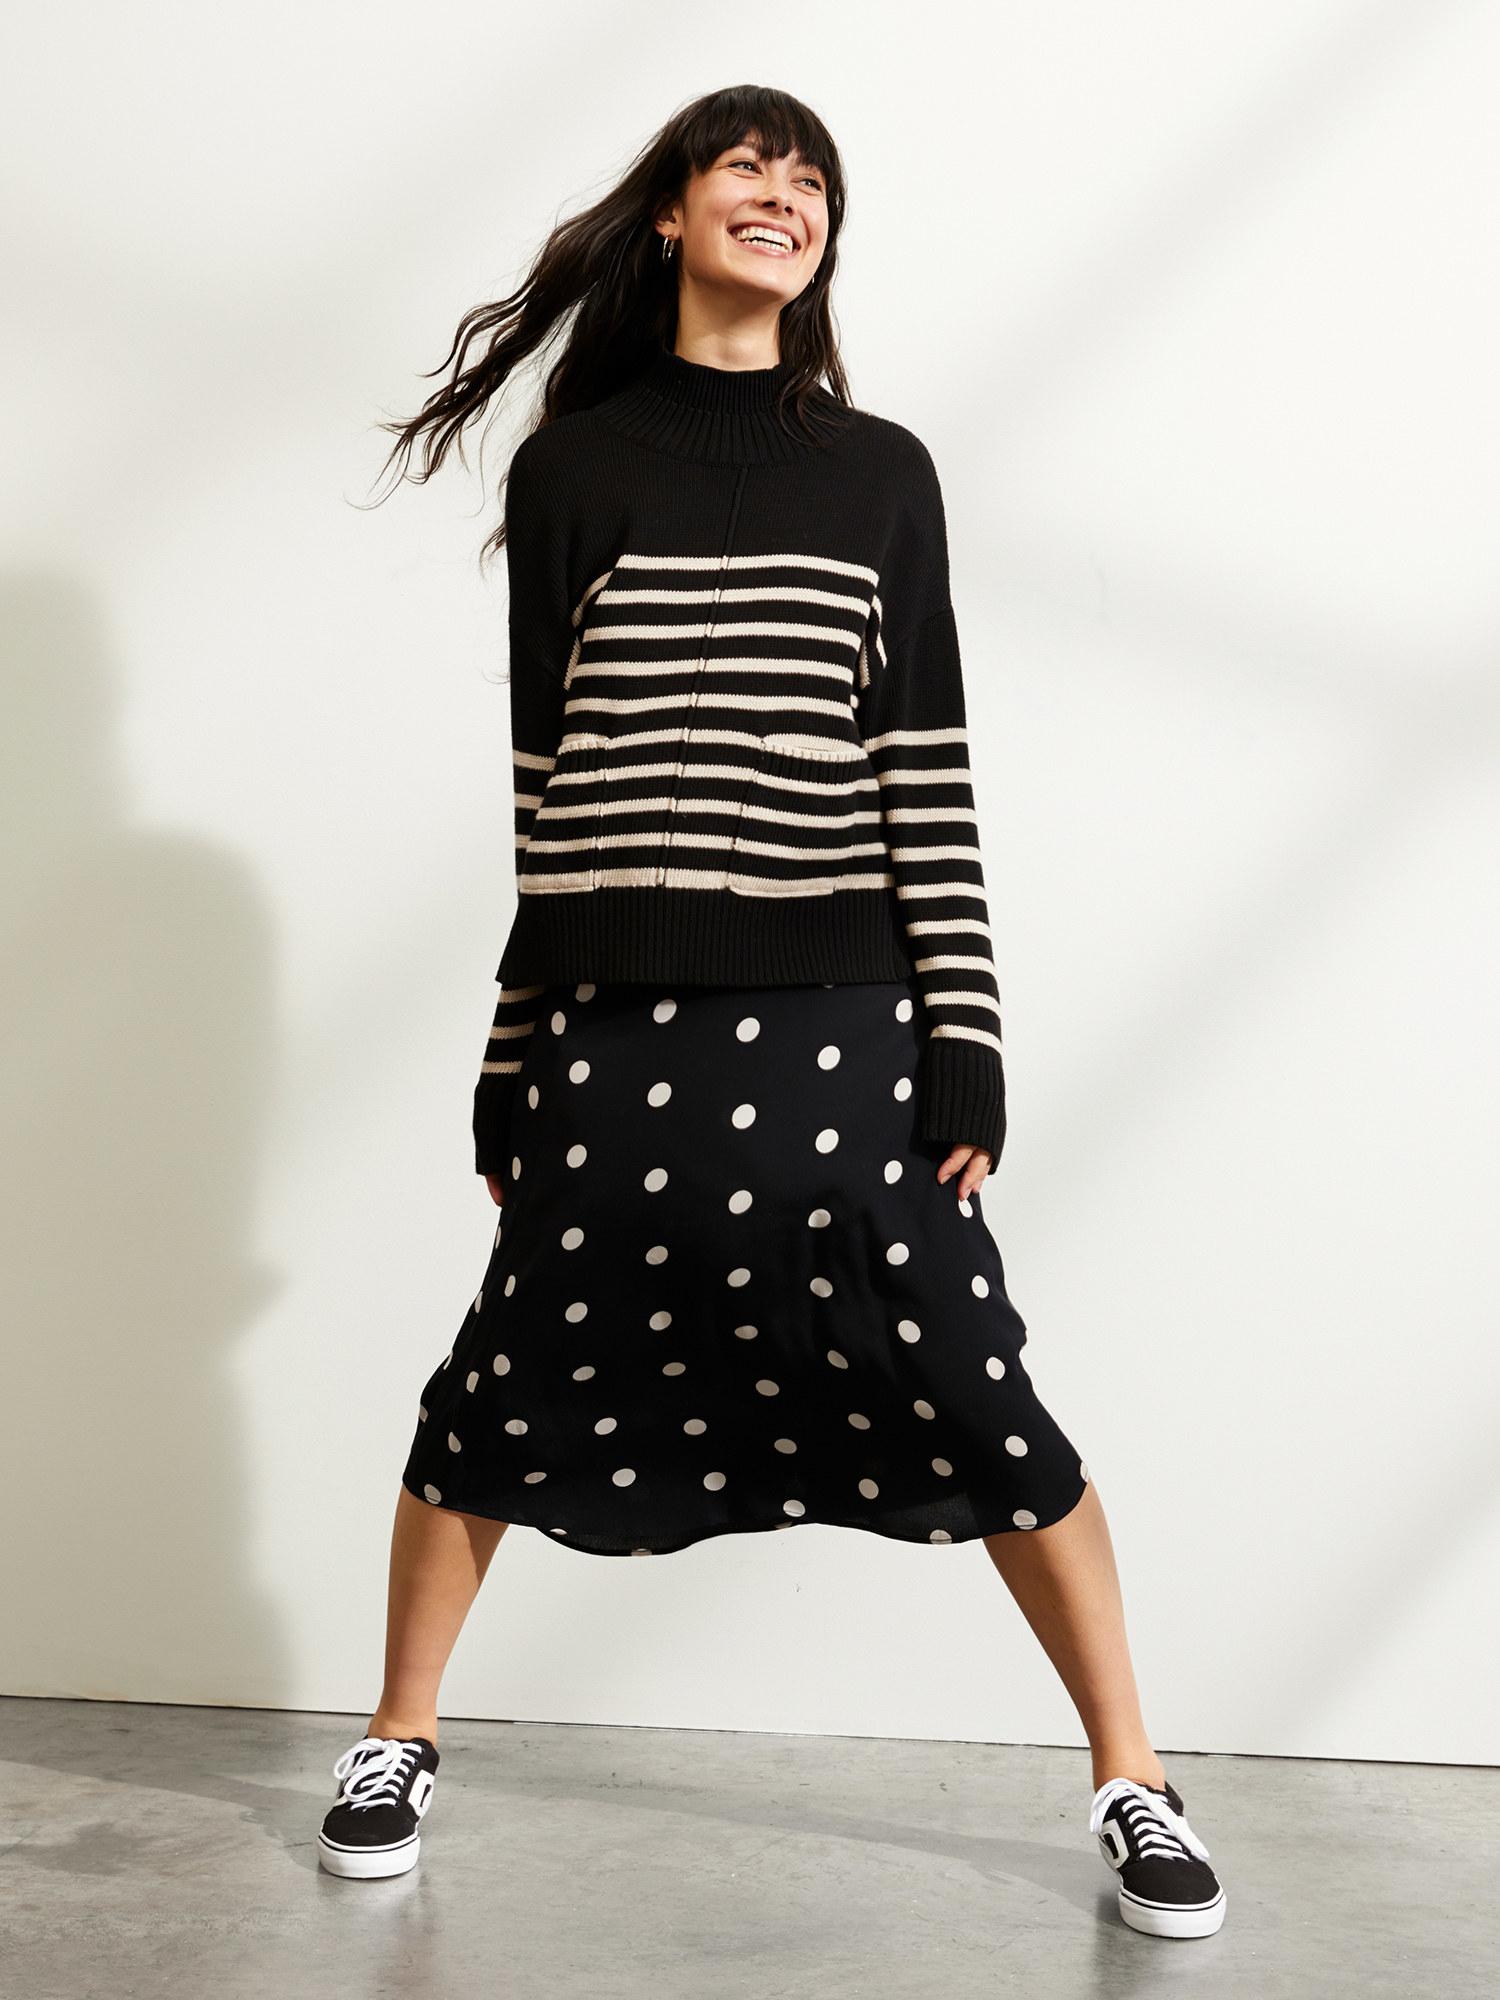 Model wears black and stone stripe mock sweater